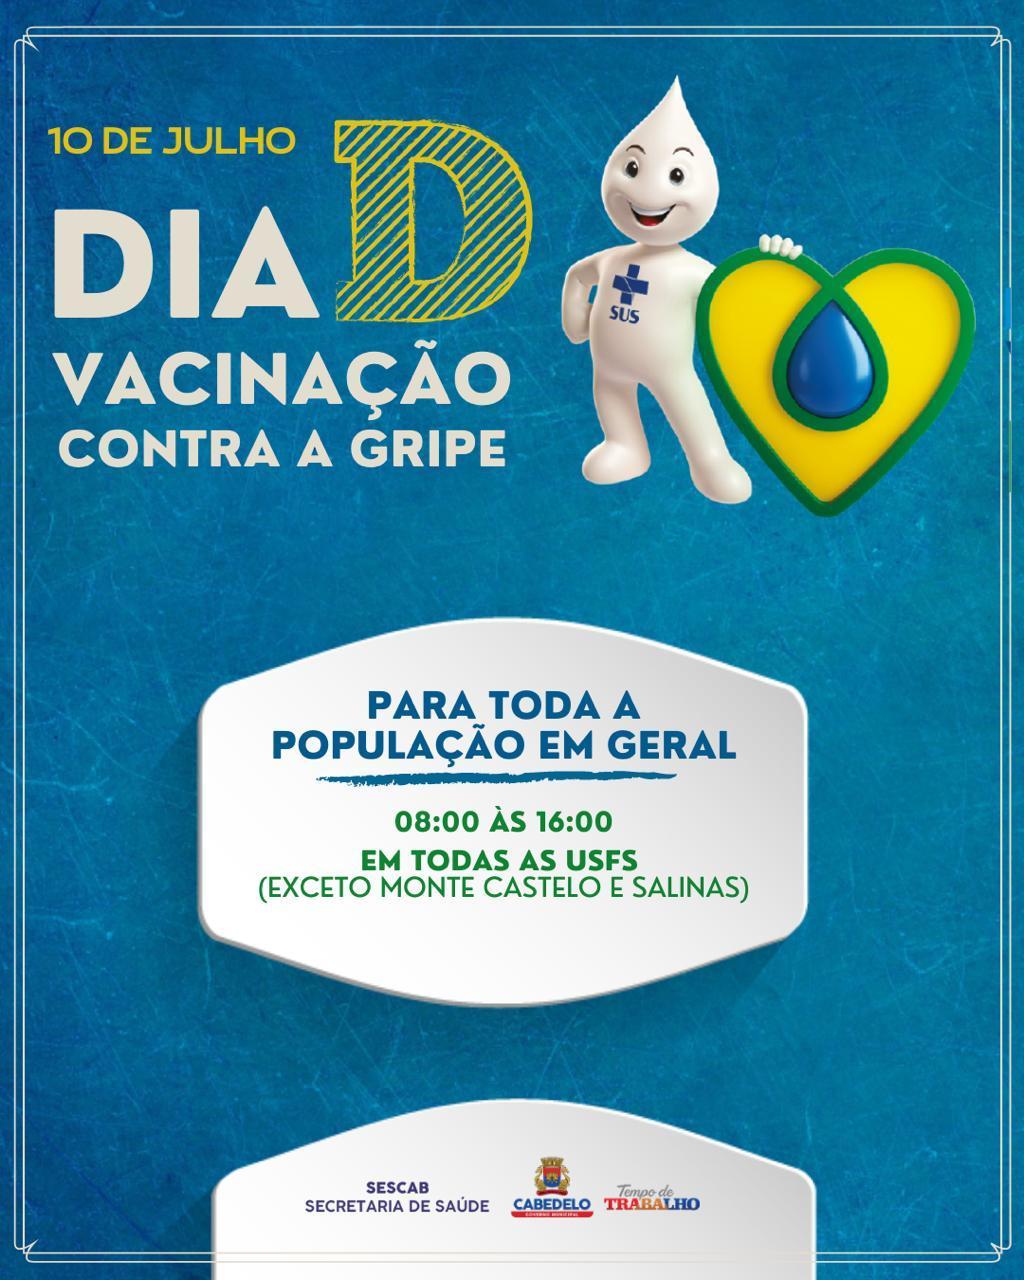 WhatsApp Image 2021 07 09 at 18.37.01 - Cabedelo realiza Dia D de vacinação contra a gripe para toda a população neste sábado